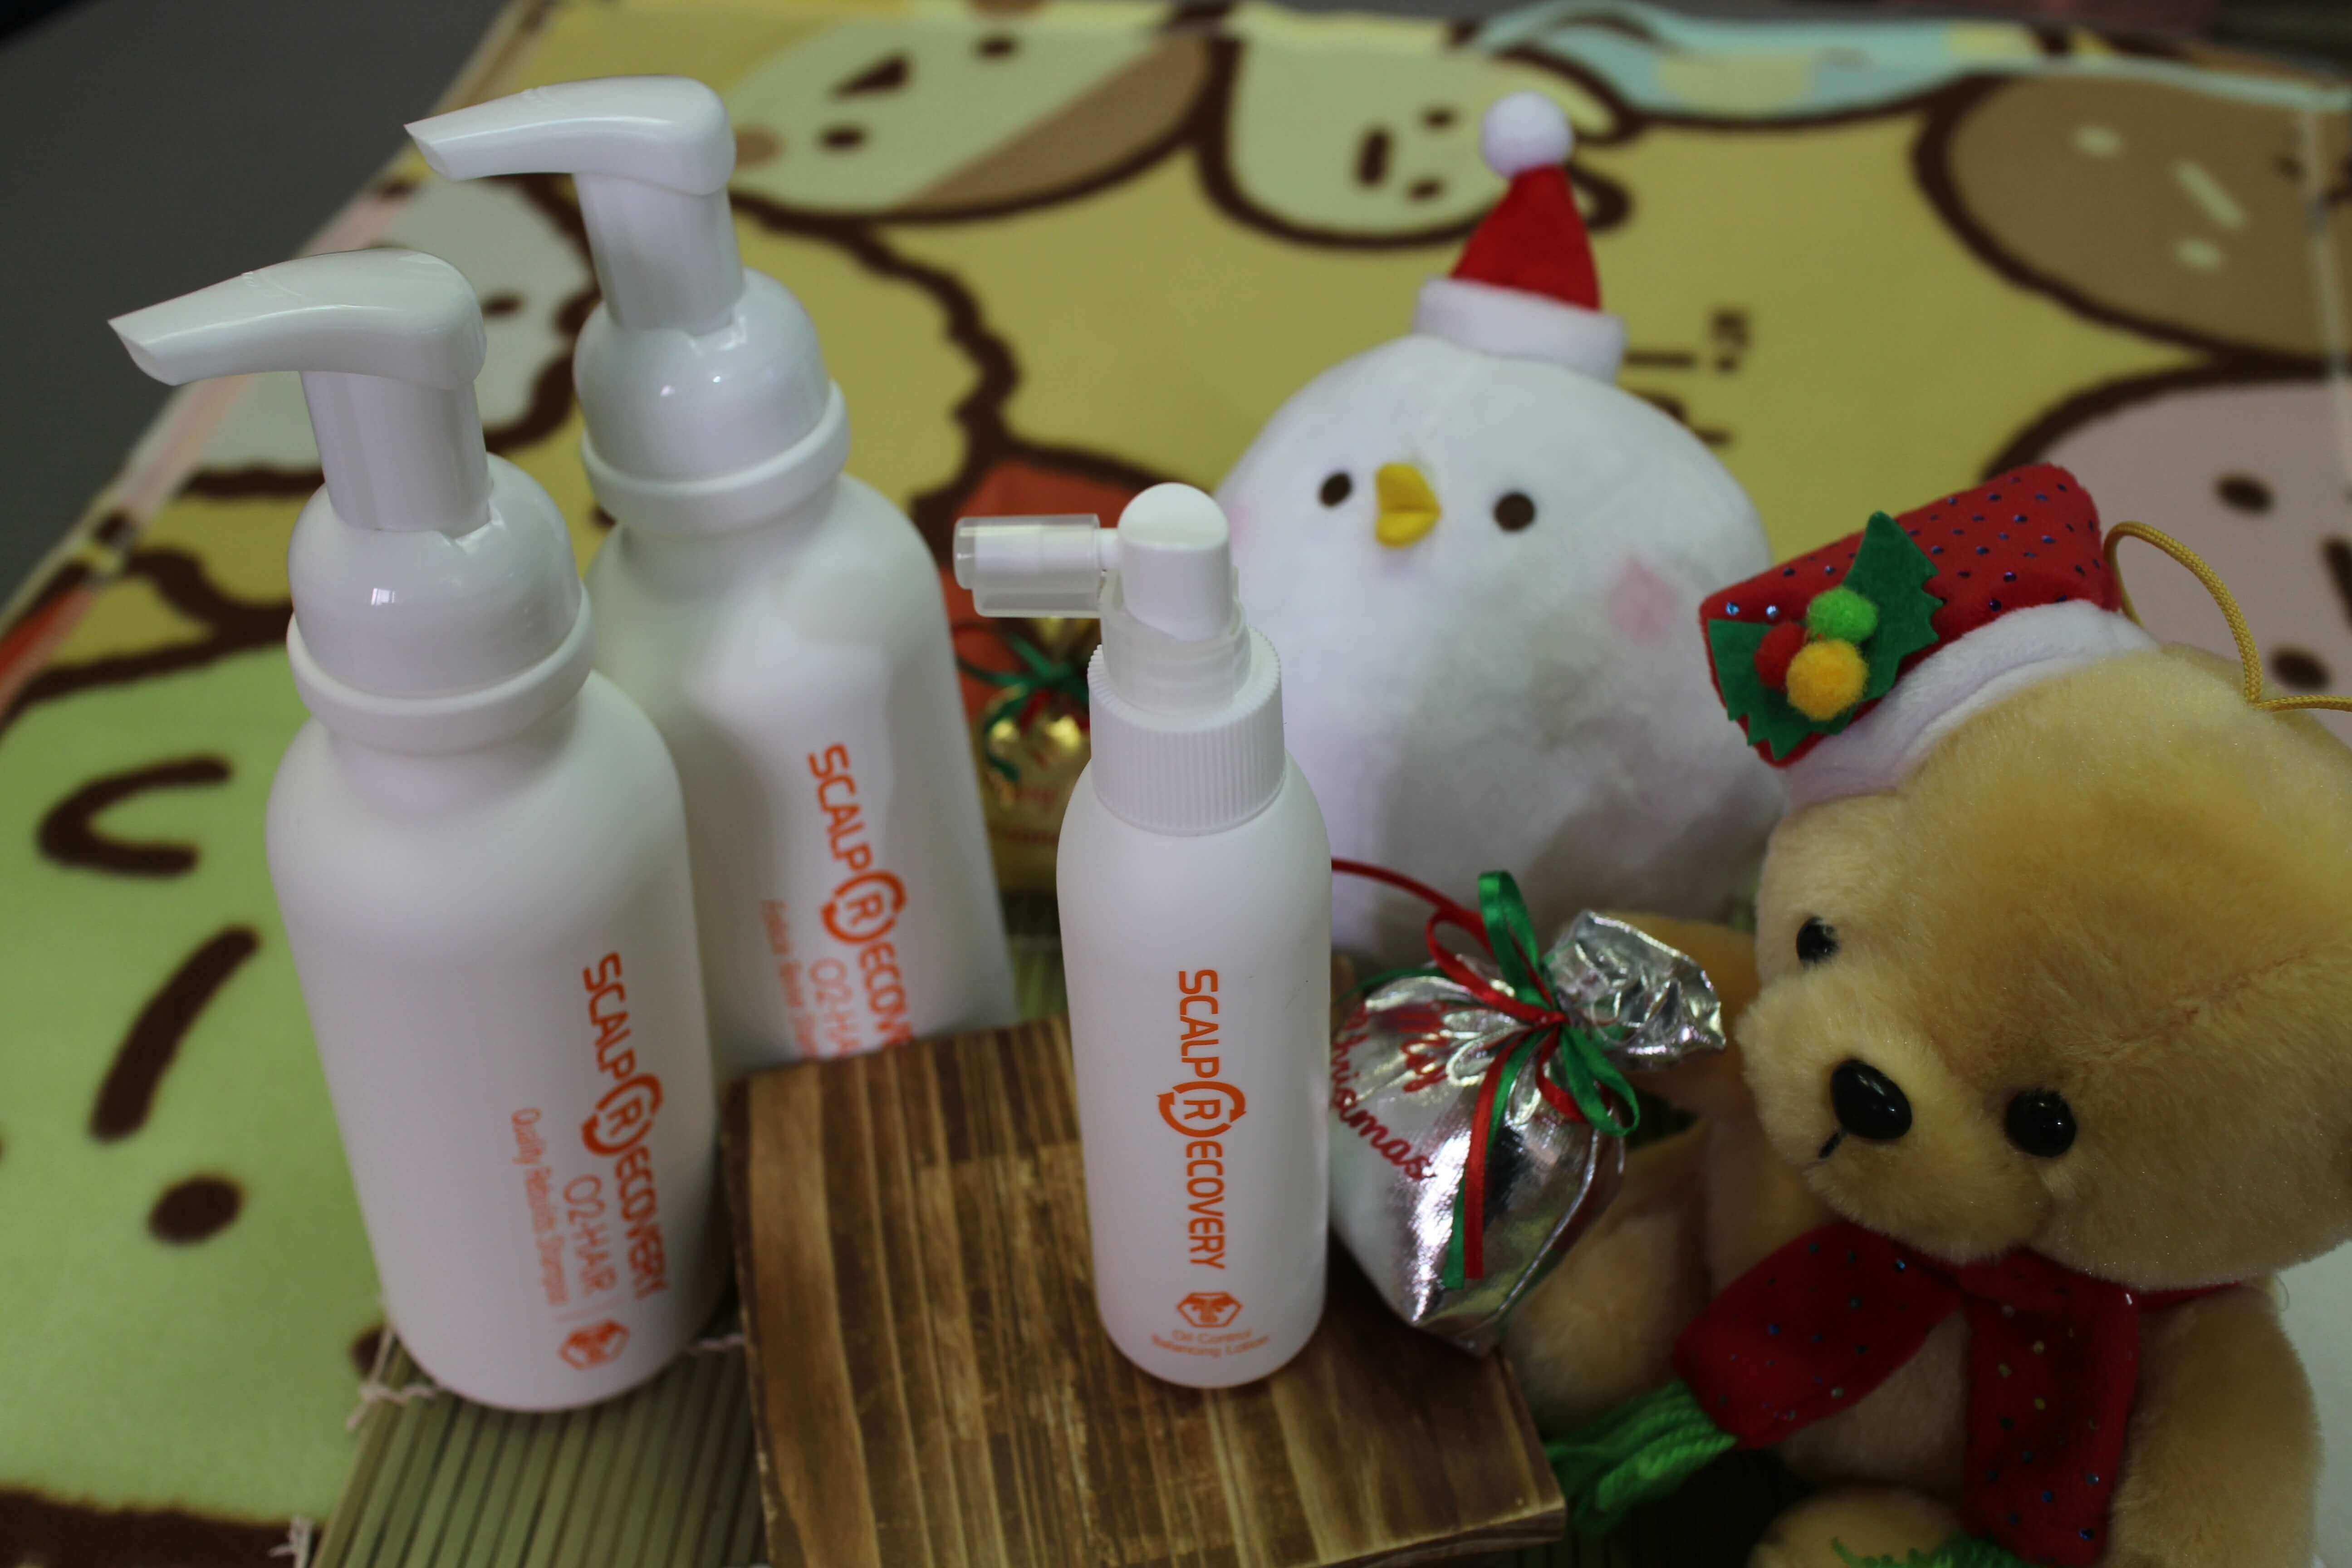 網站熱門文章:頭皮保養的重要【髮基因】頭皮養護專家-幫秤瓶找到適合的洗髮精